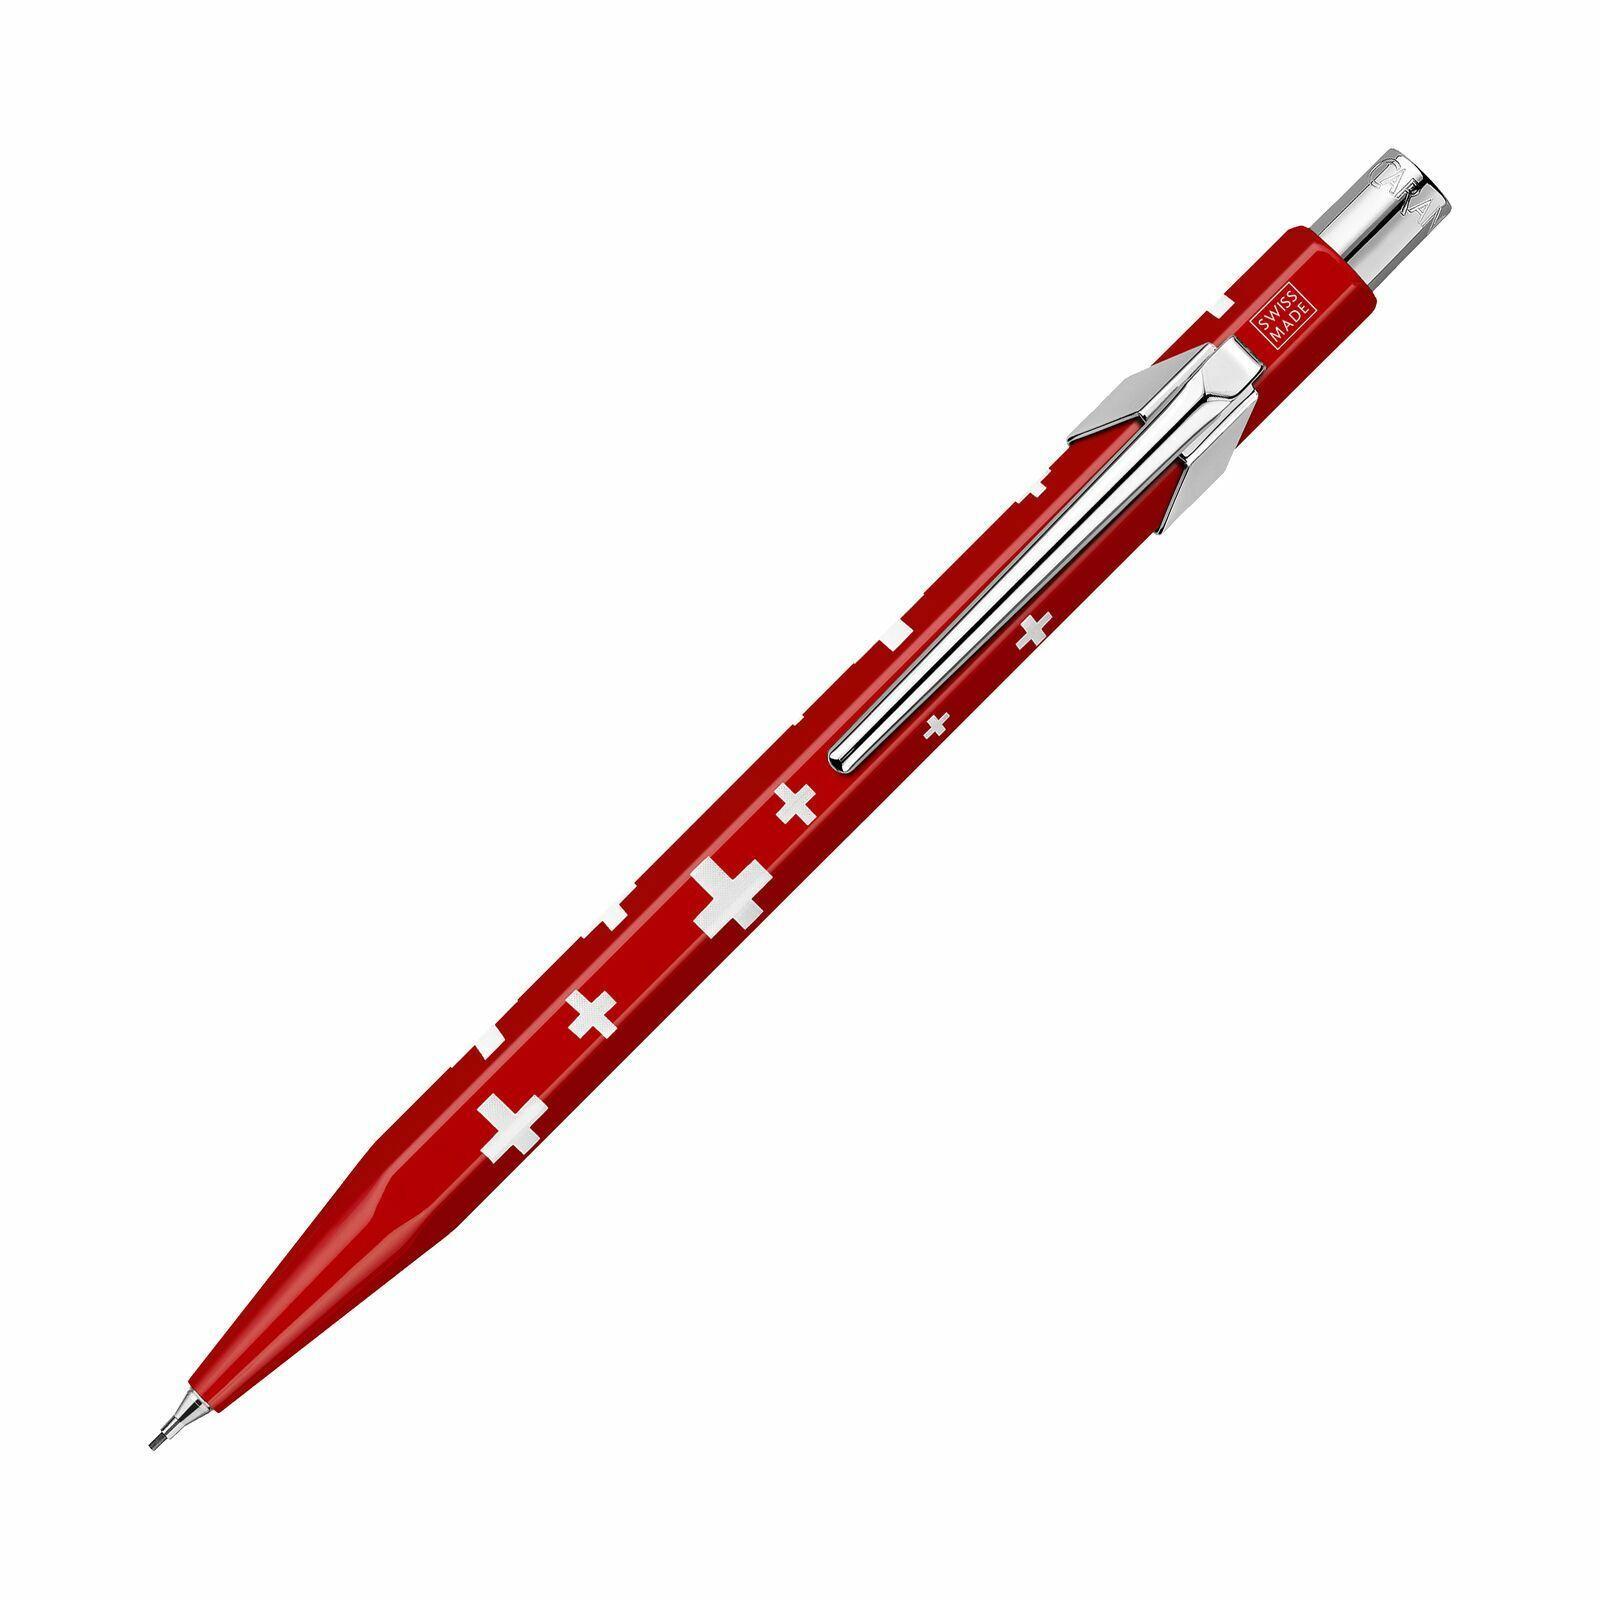 Caran D'Ache 849 Mechanical Pencil, .7mm, Swiss Flag, New Collectibles